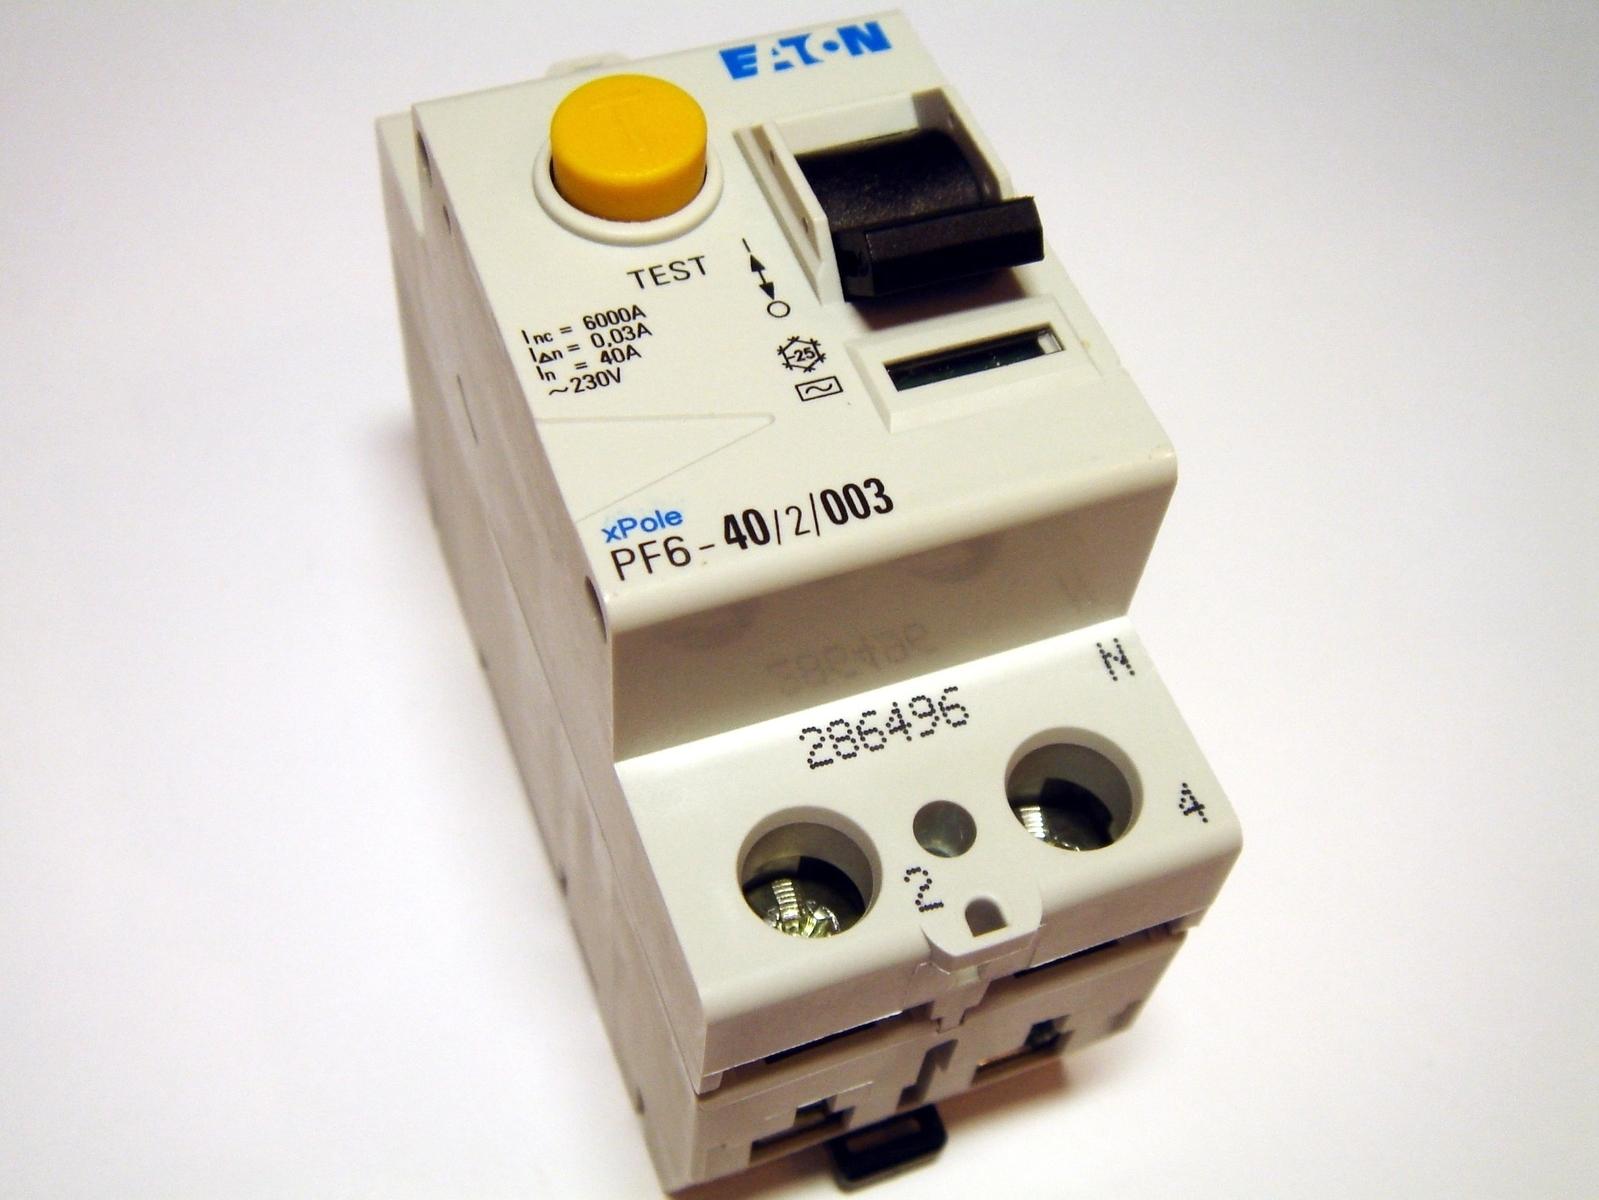 Aвтомат тока утечки 1-фазный 40 A, 30мA(0,03A), Eaton, PF6-40/2/003, 286496